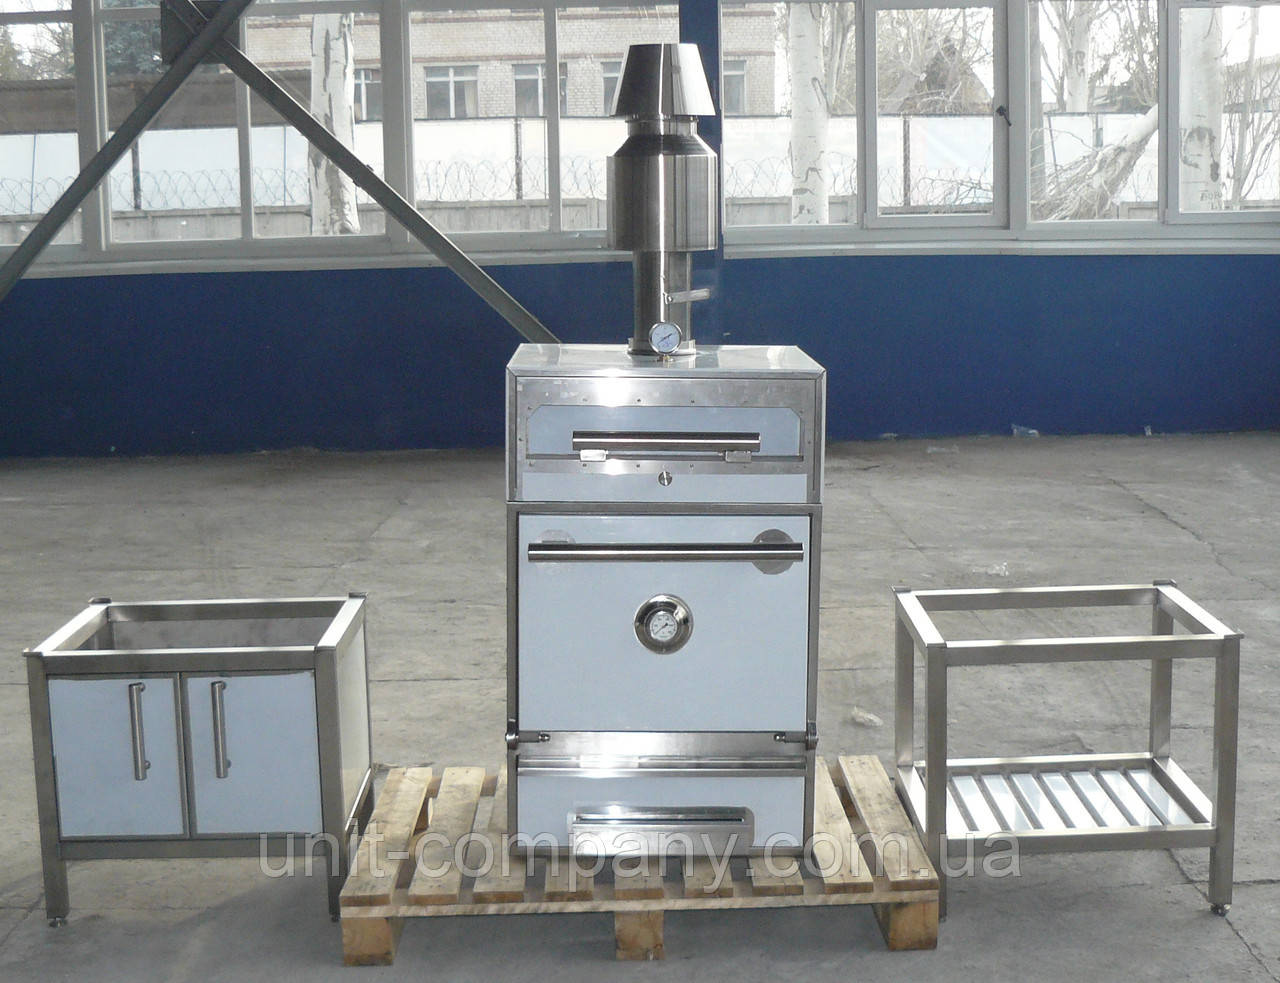 Печь-гриль, Хоспер, BQS-1 - фото 9